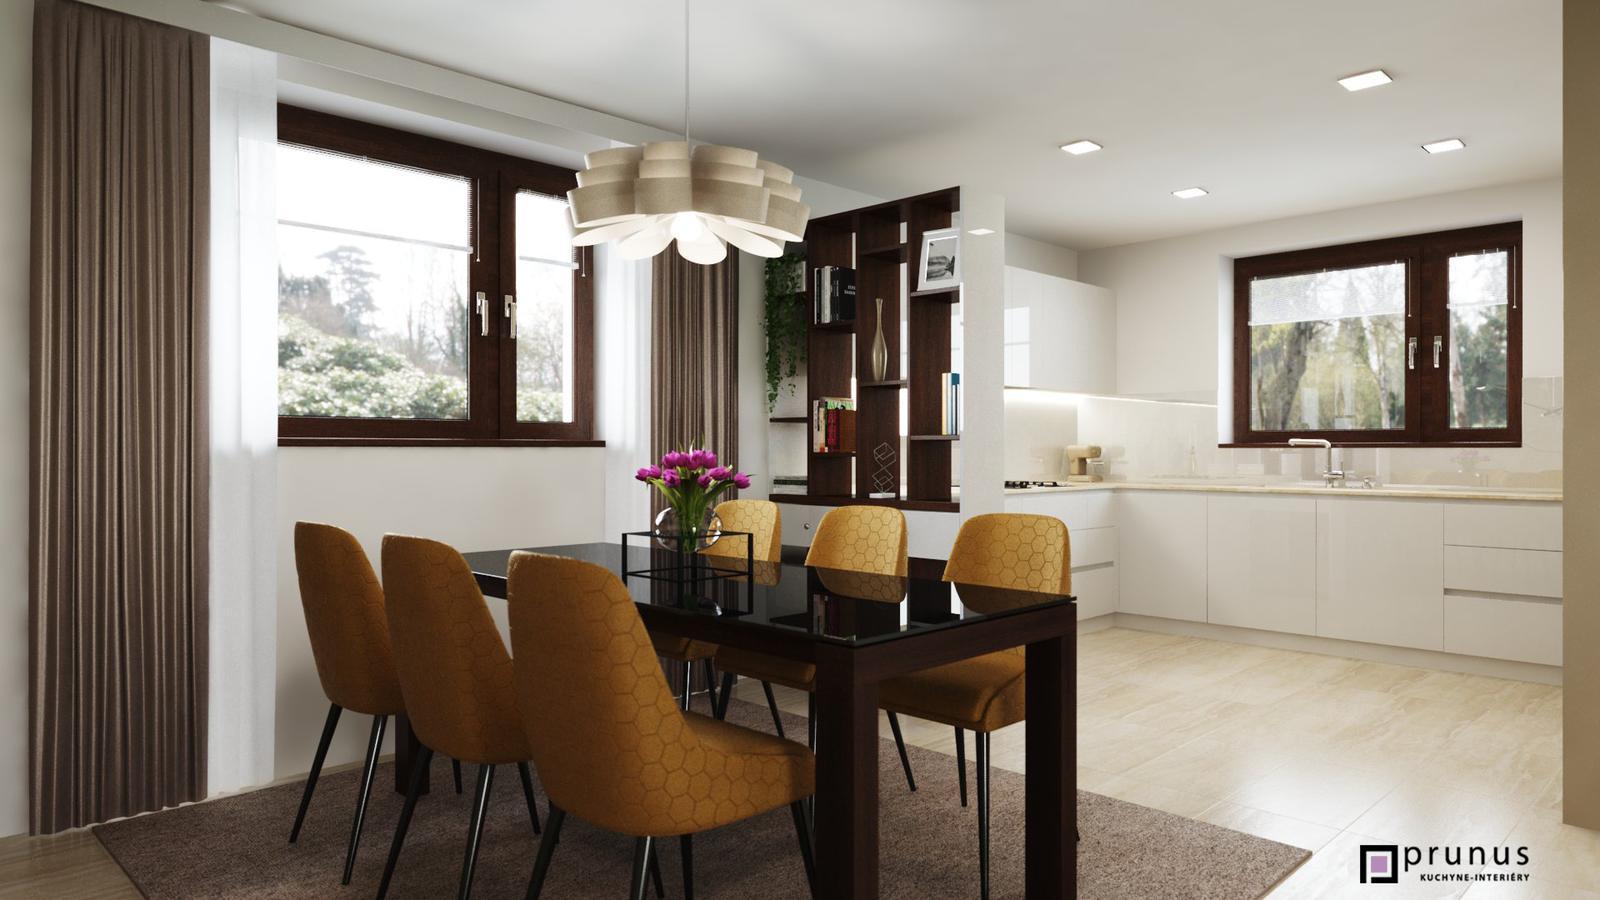 Návrh zariadenia interiéru luxusnej kuchyne - PRUNUS interiérové studio - návrh zariadenia interiéru luxusnej kuchyne